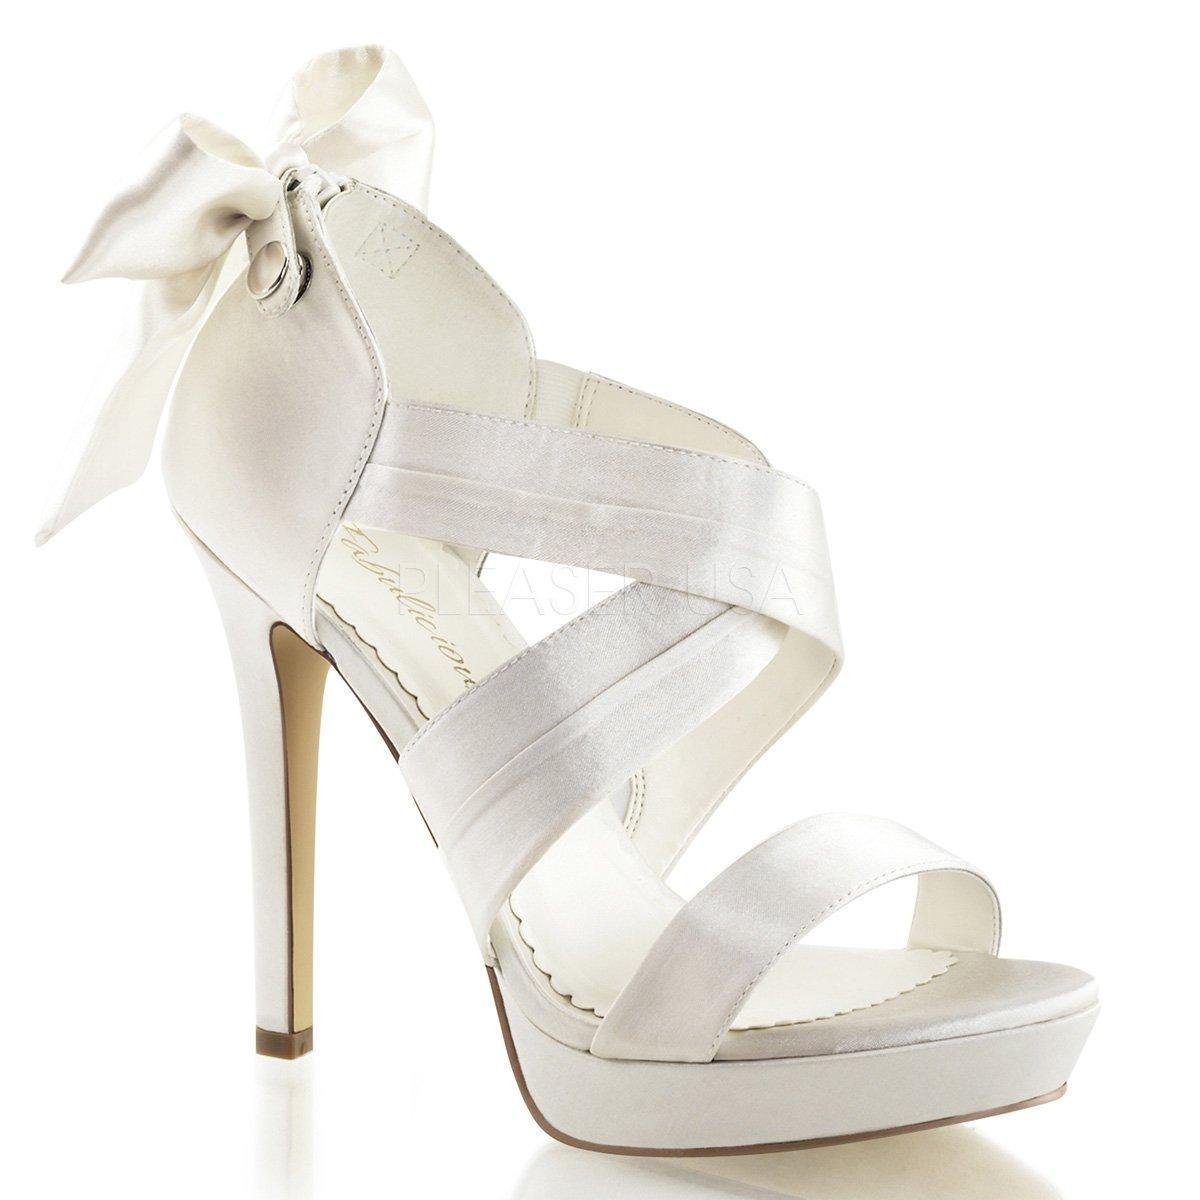 LUMINA-29 Luxusní bílé páskové sandálky s mašlí na vysokém podpatku ... bfe10ca911